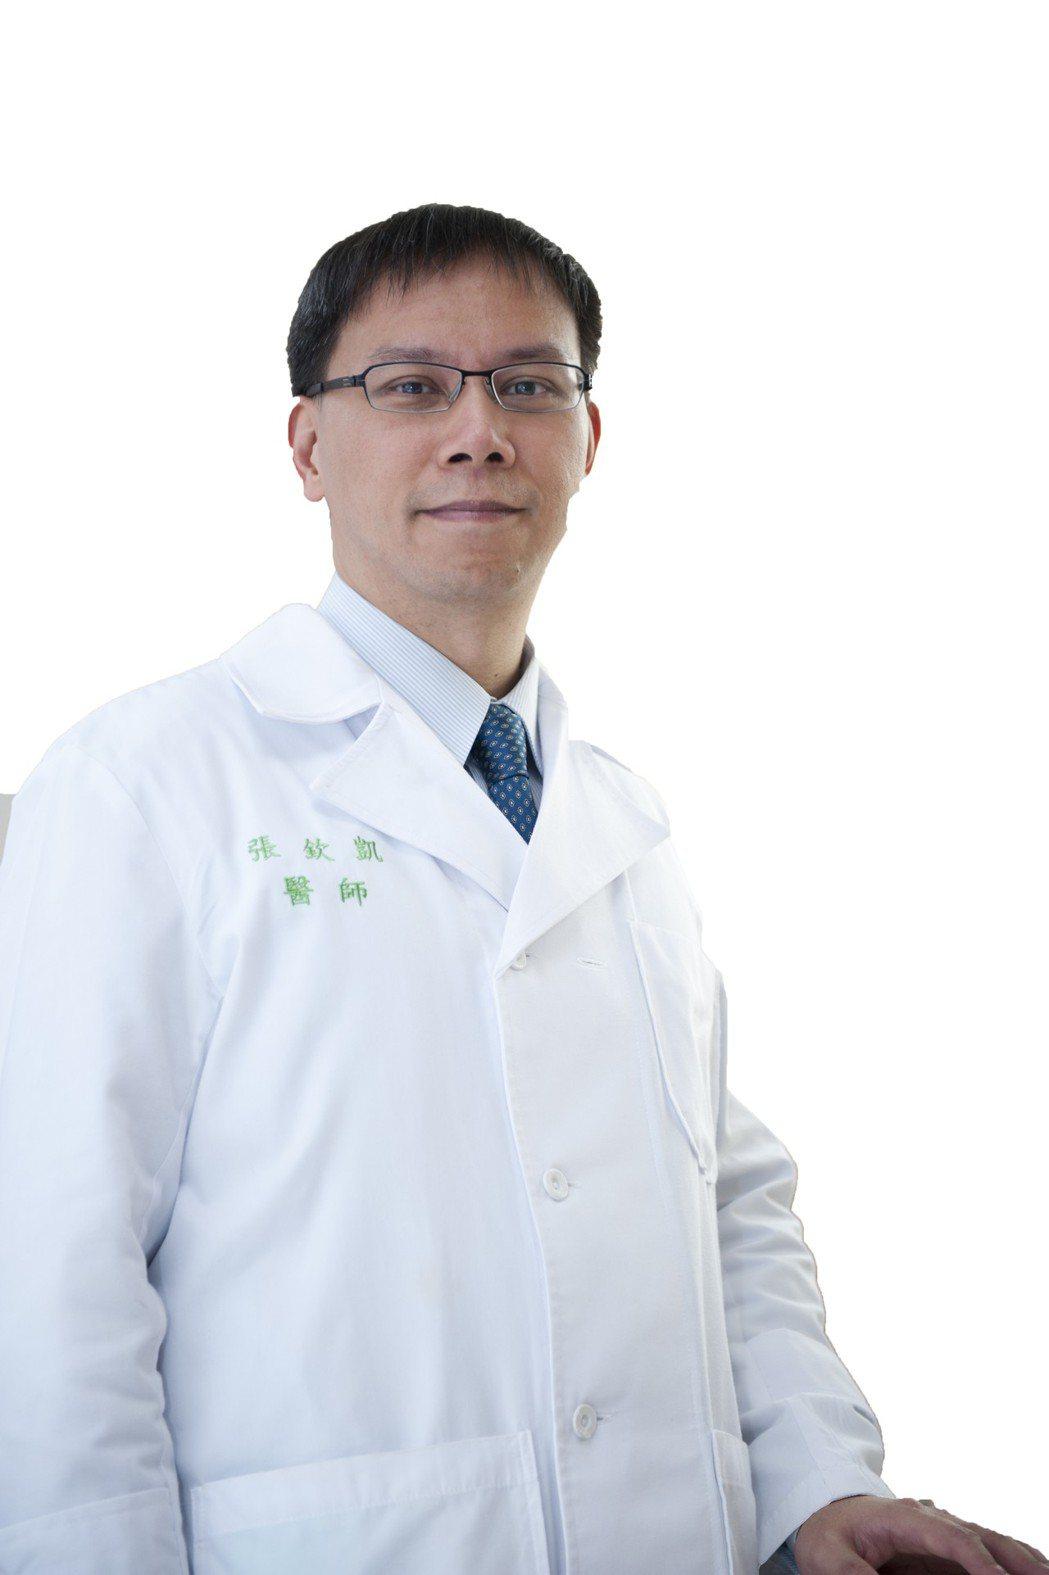 中國附醫復健部暨高齡醫學科主治醫師張欽凱。 張欽凱醫師/提供